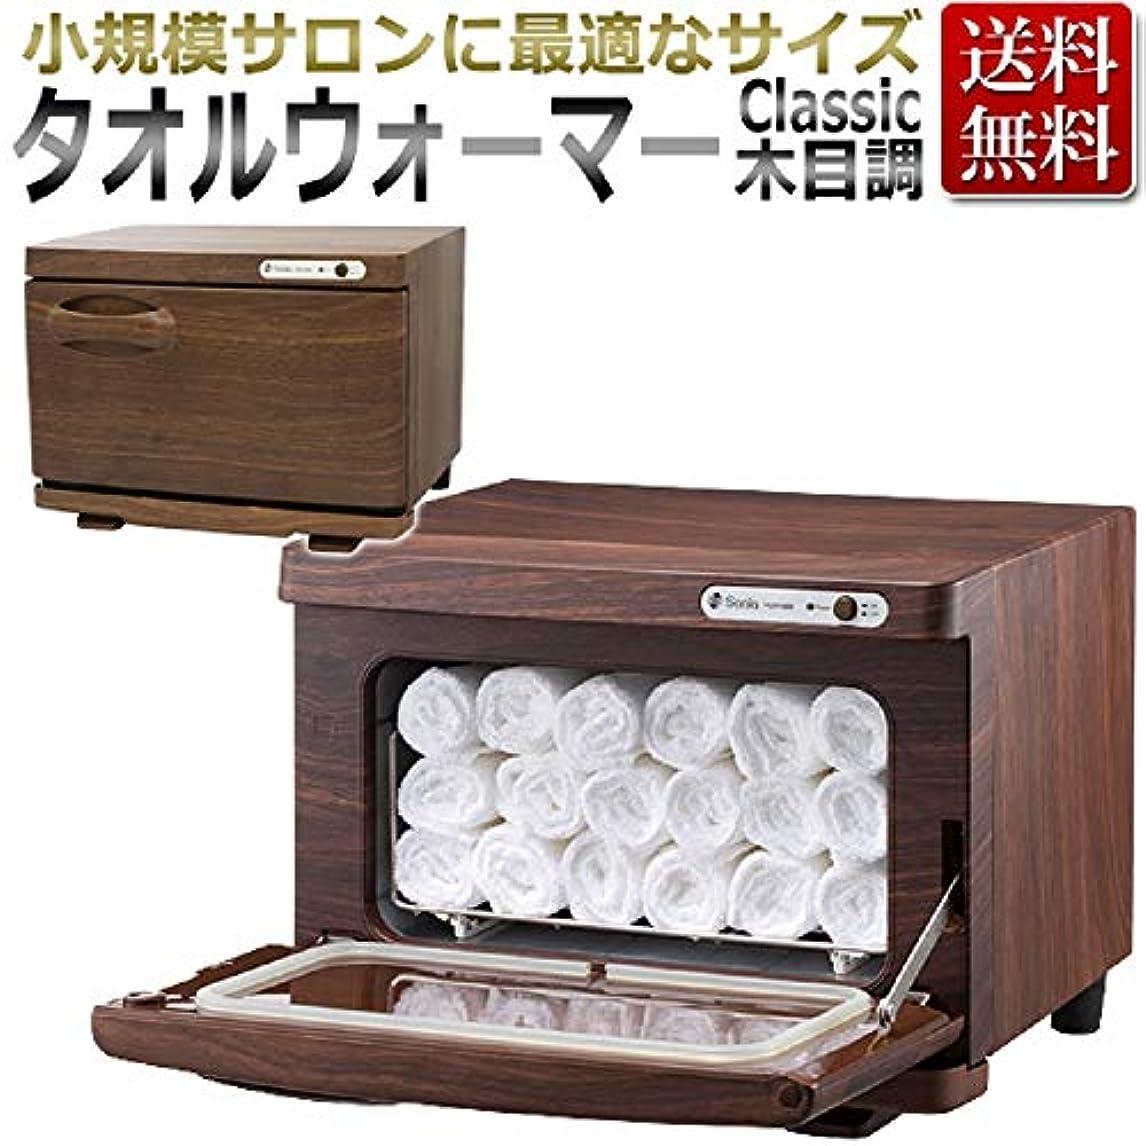 音楽形針タオルウォーマー Classic 木目調 ホットキャビ / 7.5リットル